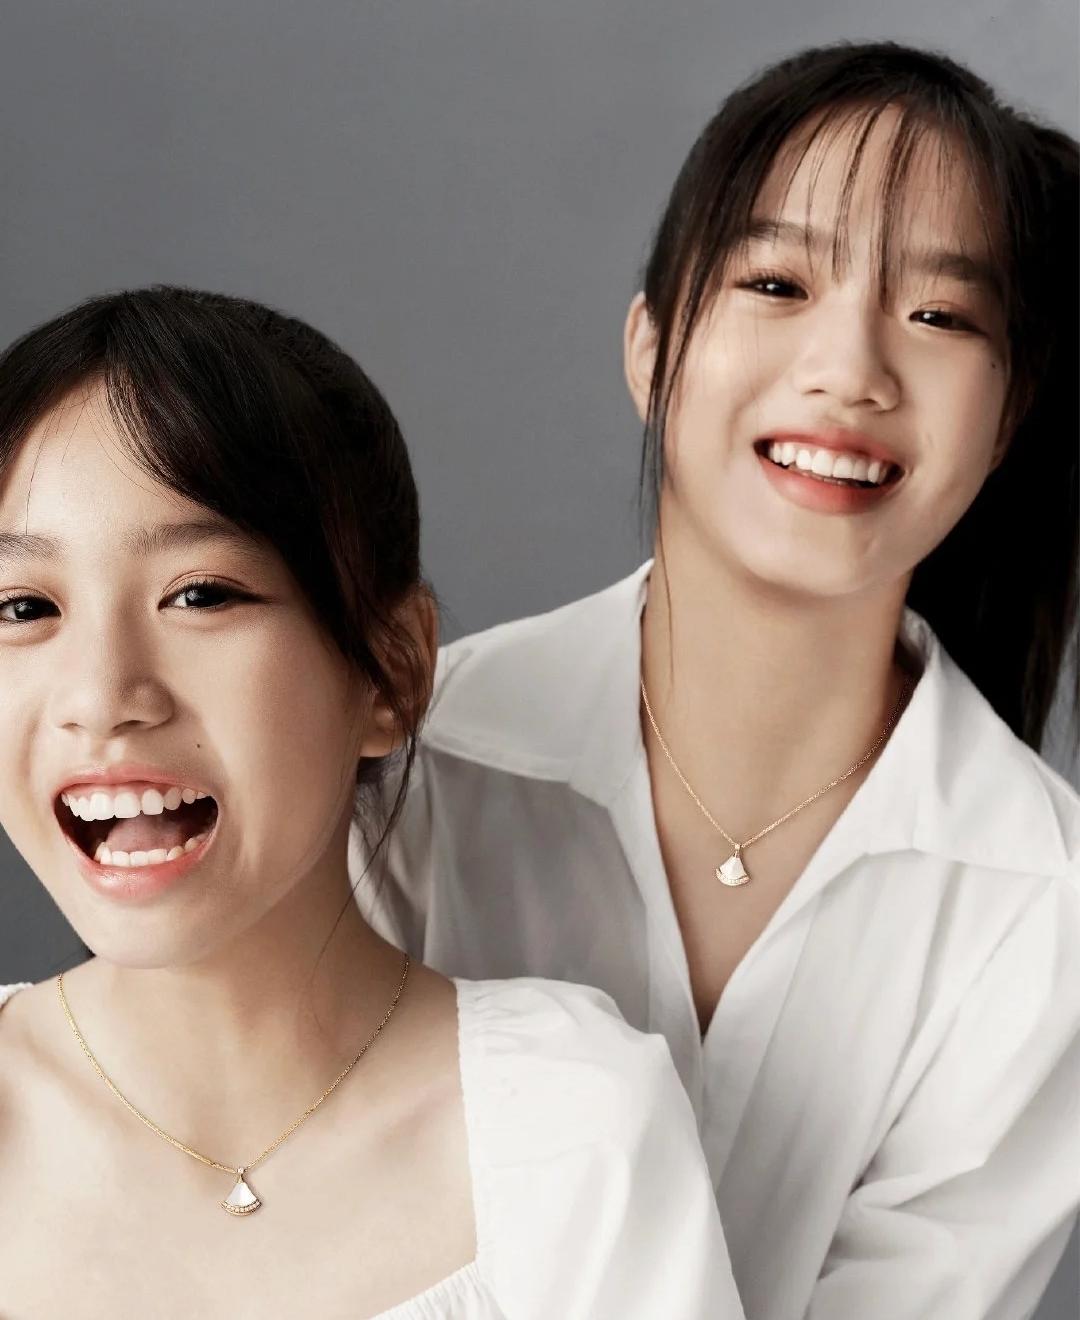 钟丽缇携女儿拍写真,姐妹俩越来越像双胞胎,母女三人似闺蜜